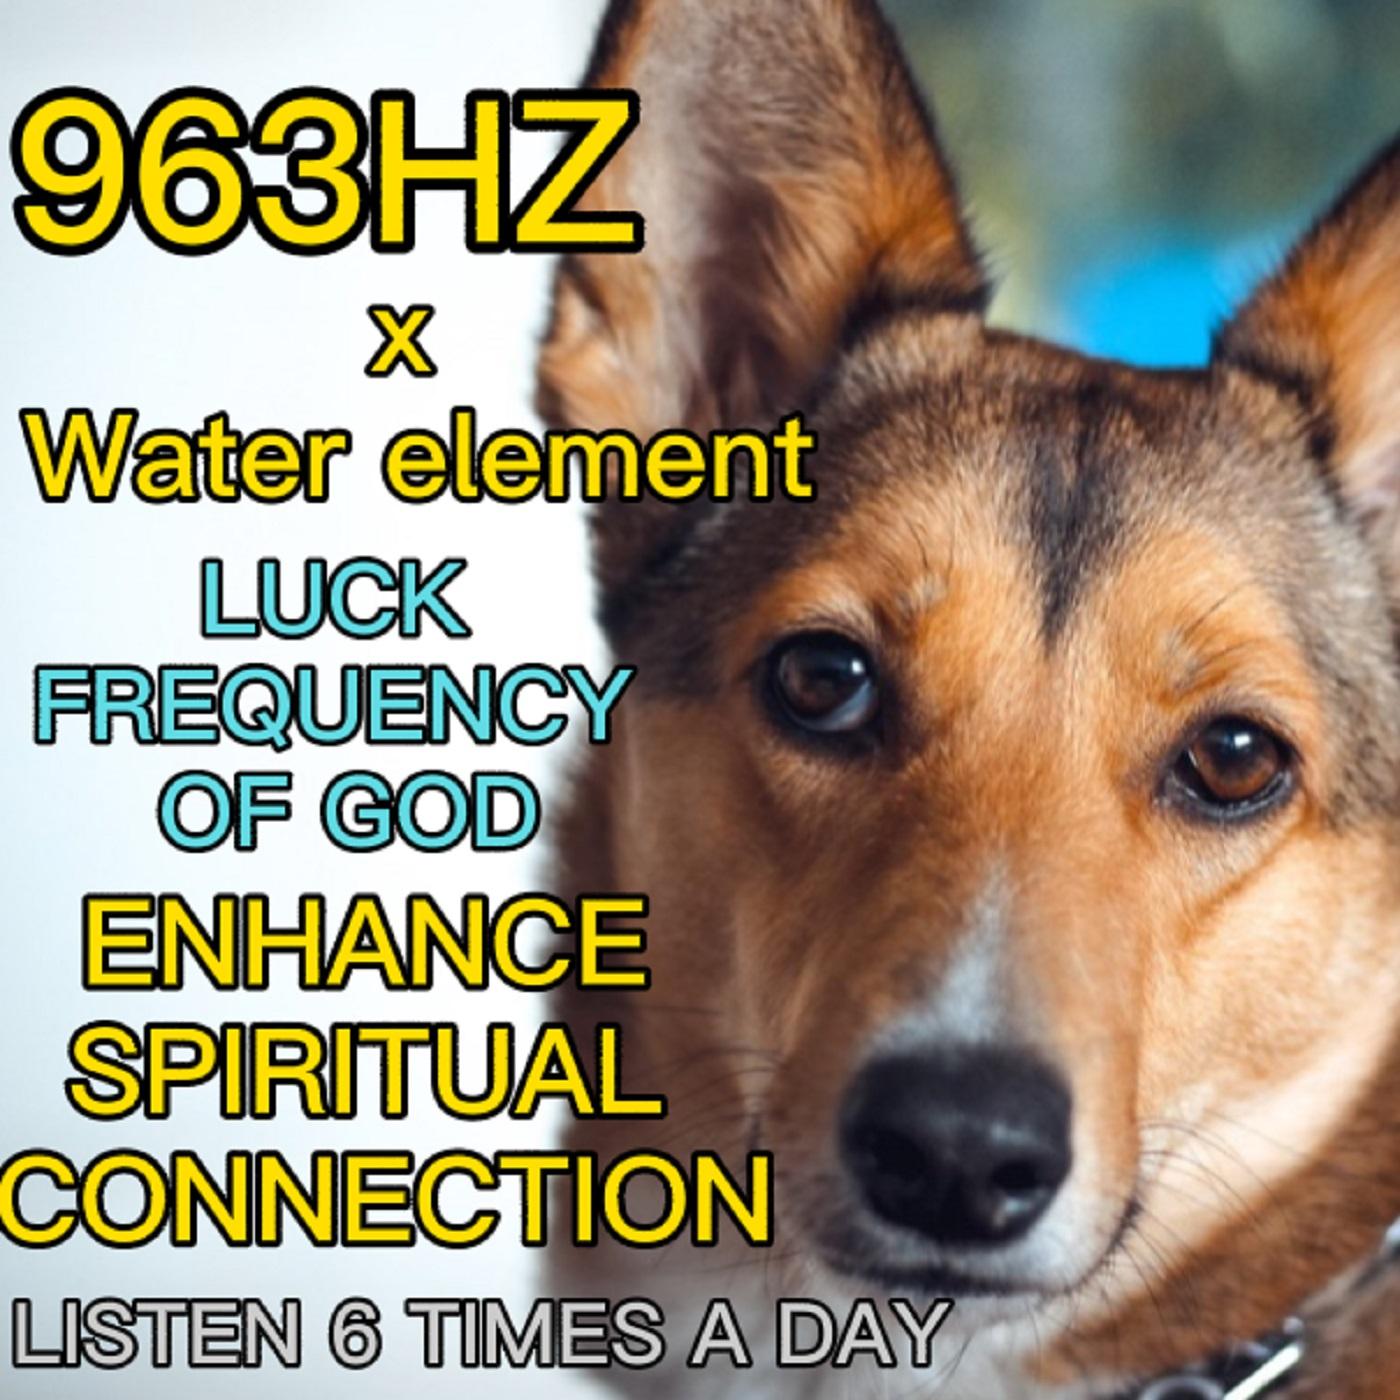 【每日聆聽6次】毛孩 狗 貓 提升靈性連結 精神力 水元素 寵物pet 963HZ x water connect spirituality